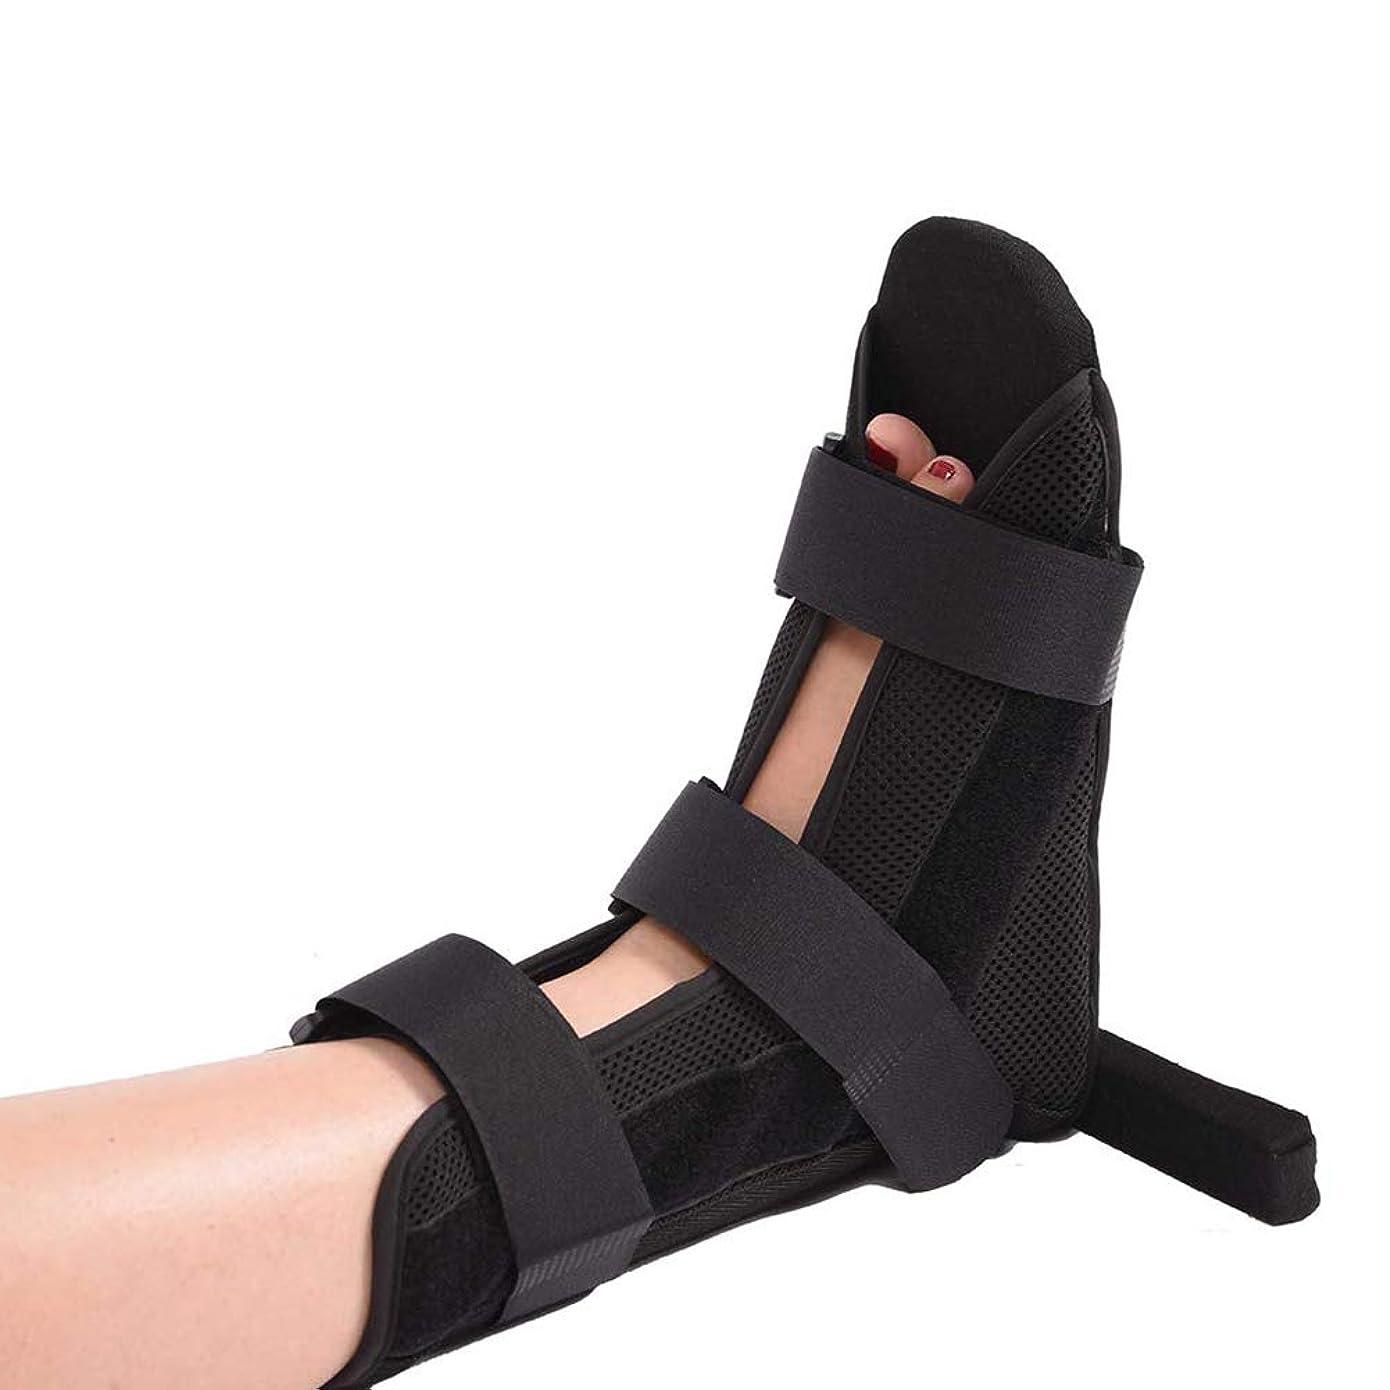 用心するヒット一口足首ブレースウォーキングブーツ-骨折した足首整形ソフトウォーカー-足の捻rain負傷